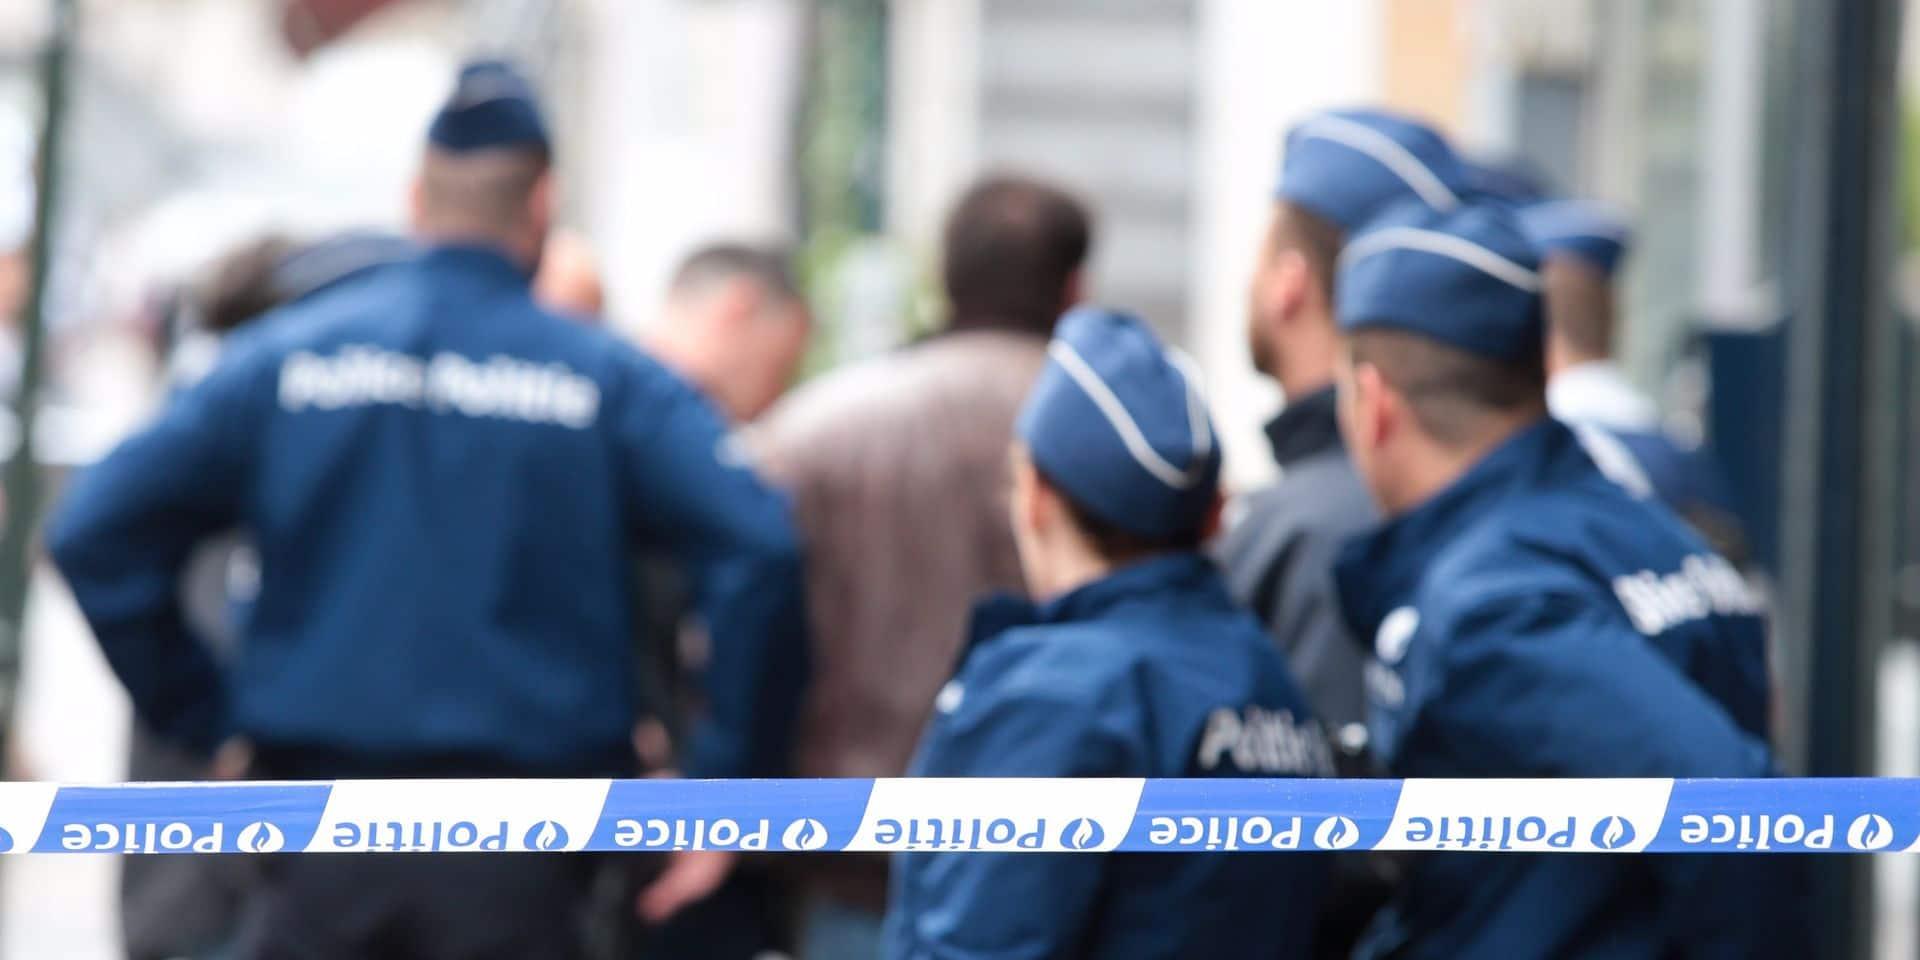 Ossements retrouvés à La Louvière : le corps de Christiane a été transporté jusqu'au puits